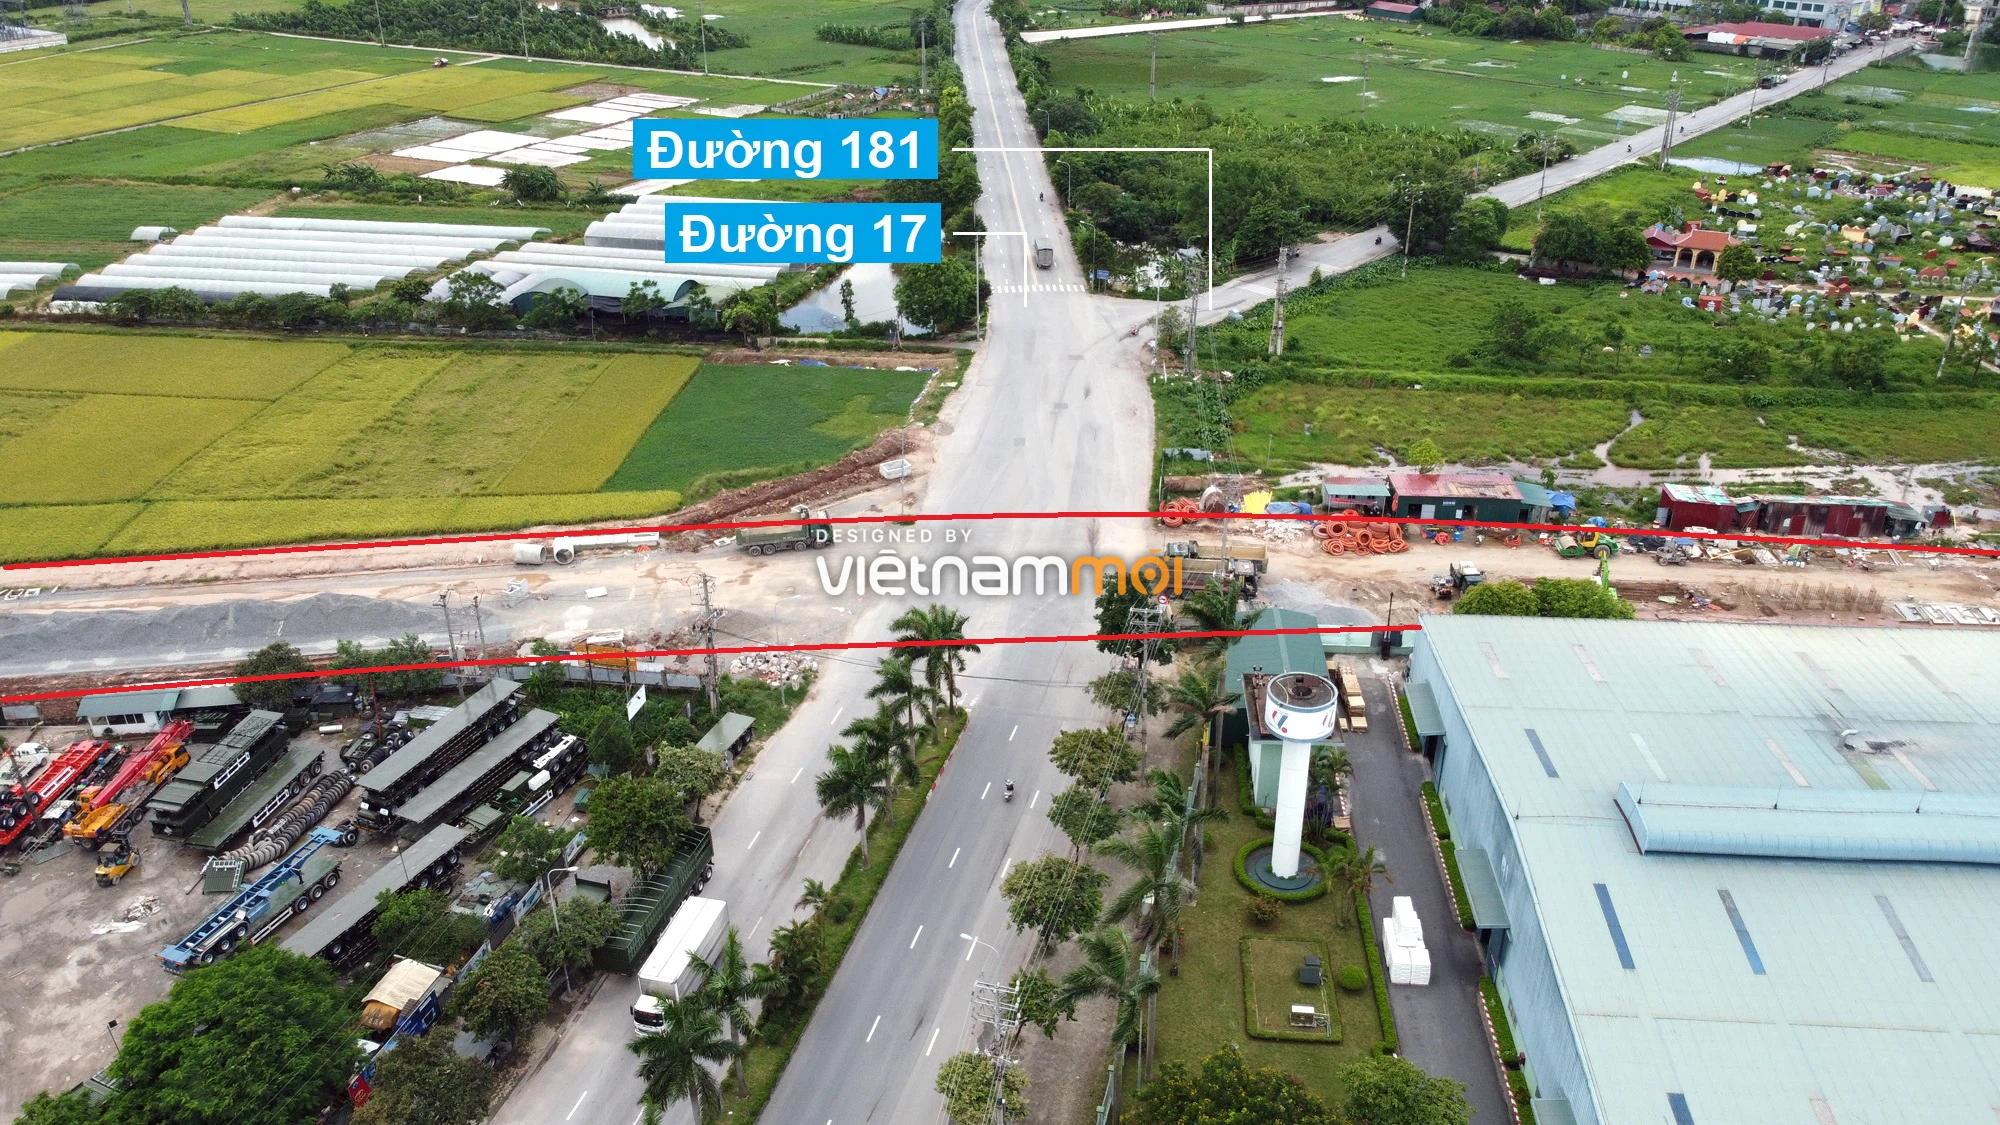 Toàn cảnh tuyến đường từ KĐT Đặng Xá đến Ỷ Lan đang mở theo quy hoạch ở Hà Nội - Ảnh 2.